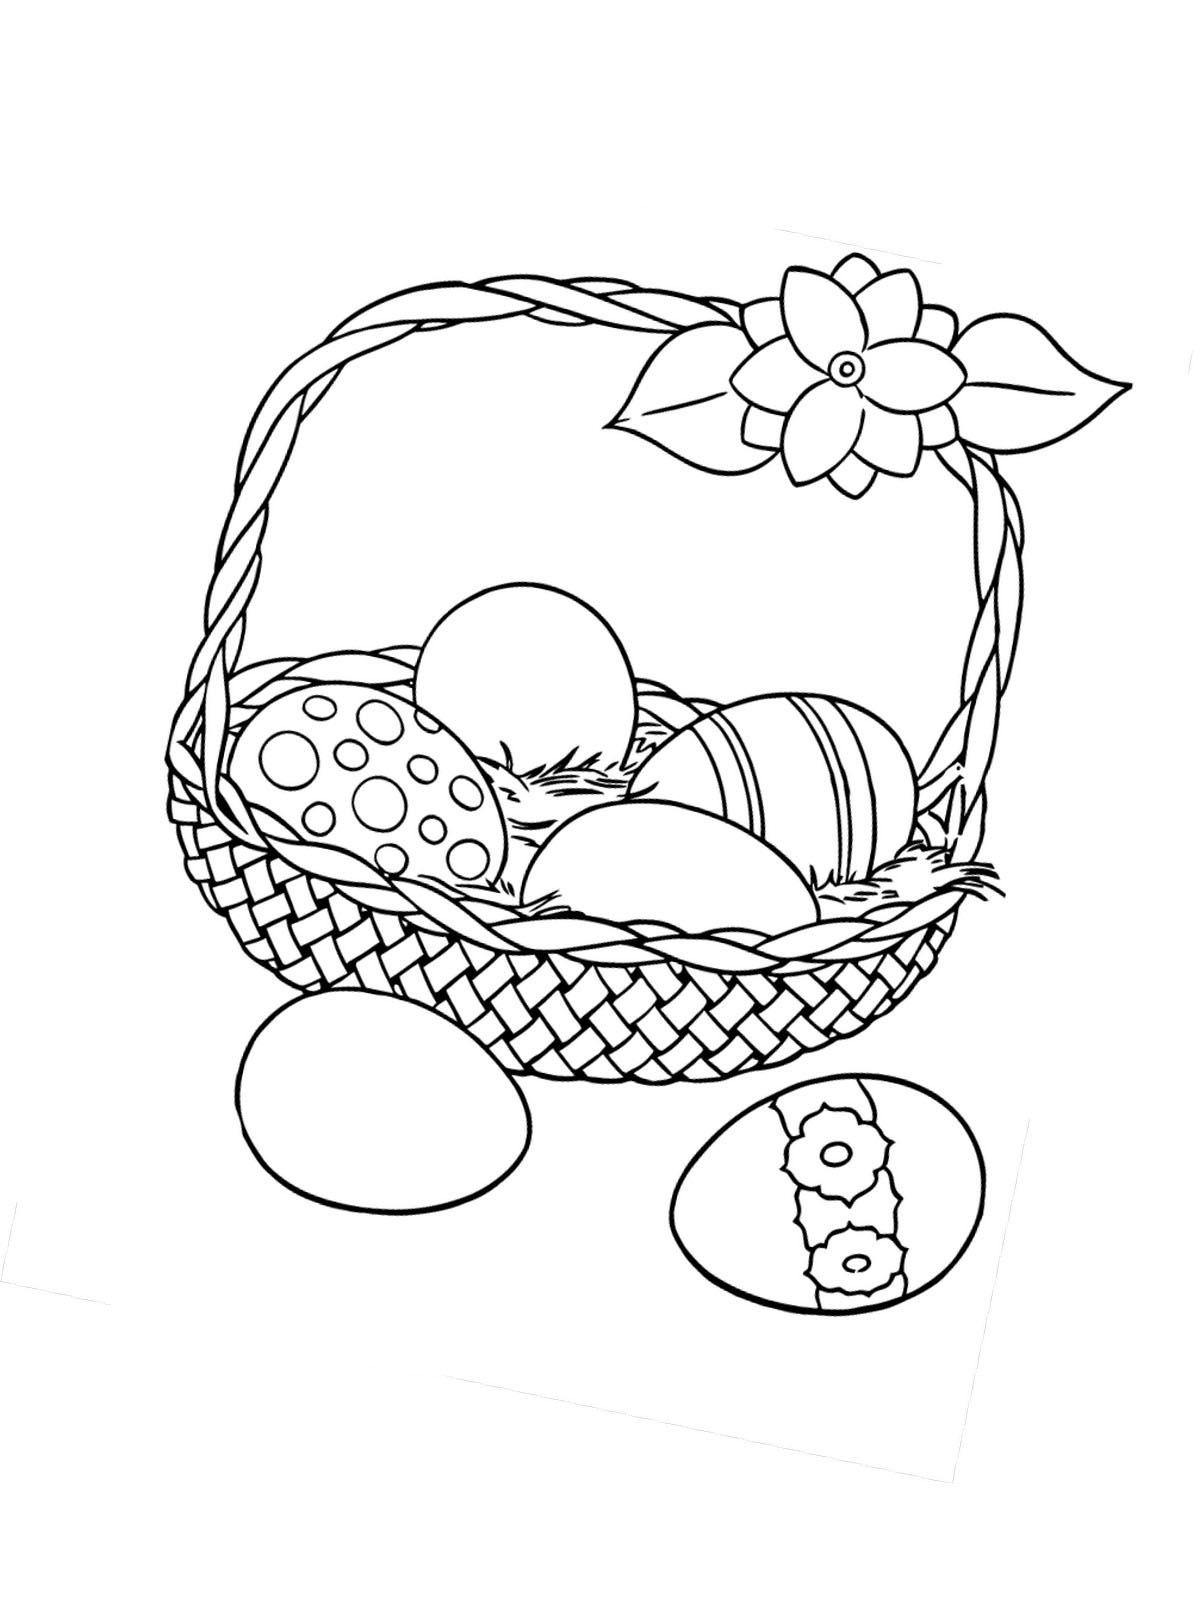 Ausmalbilder, Malvorlagen von Ostern kostenlos zum Ausdrucken ...